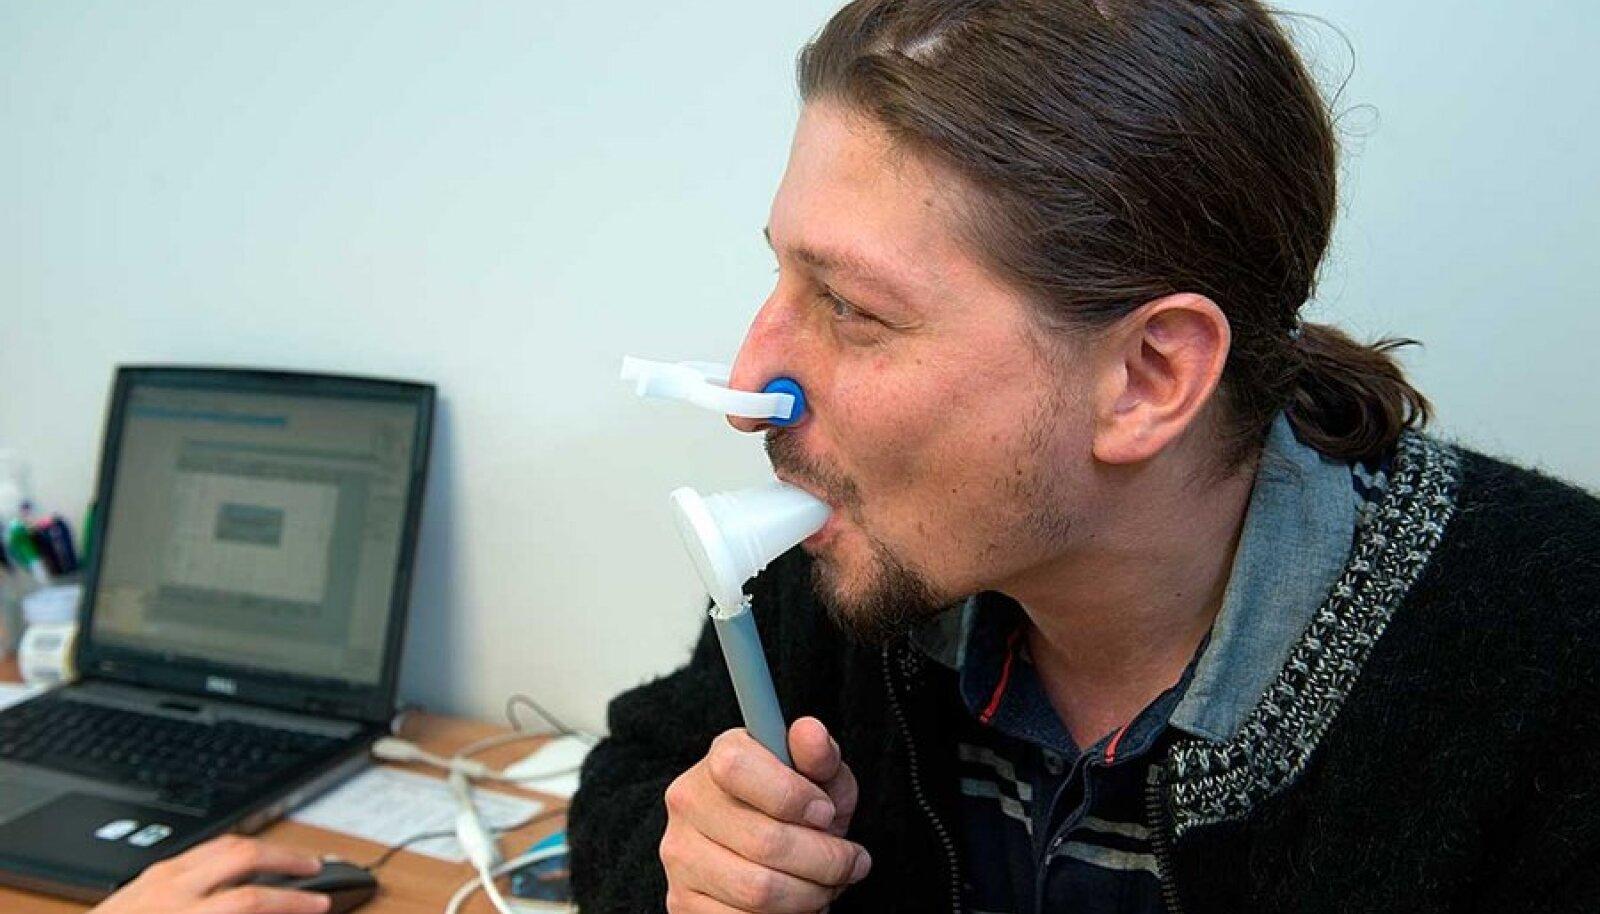 Hingan, nii et tolmab: Esimesel korral tuvastasid arstid kerge hingamispuudulikkuse. Viie nädala pärast oli see kadunud.